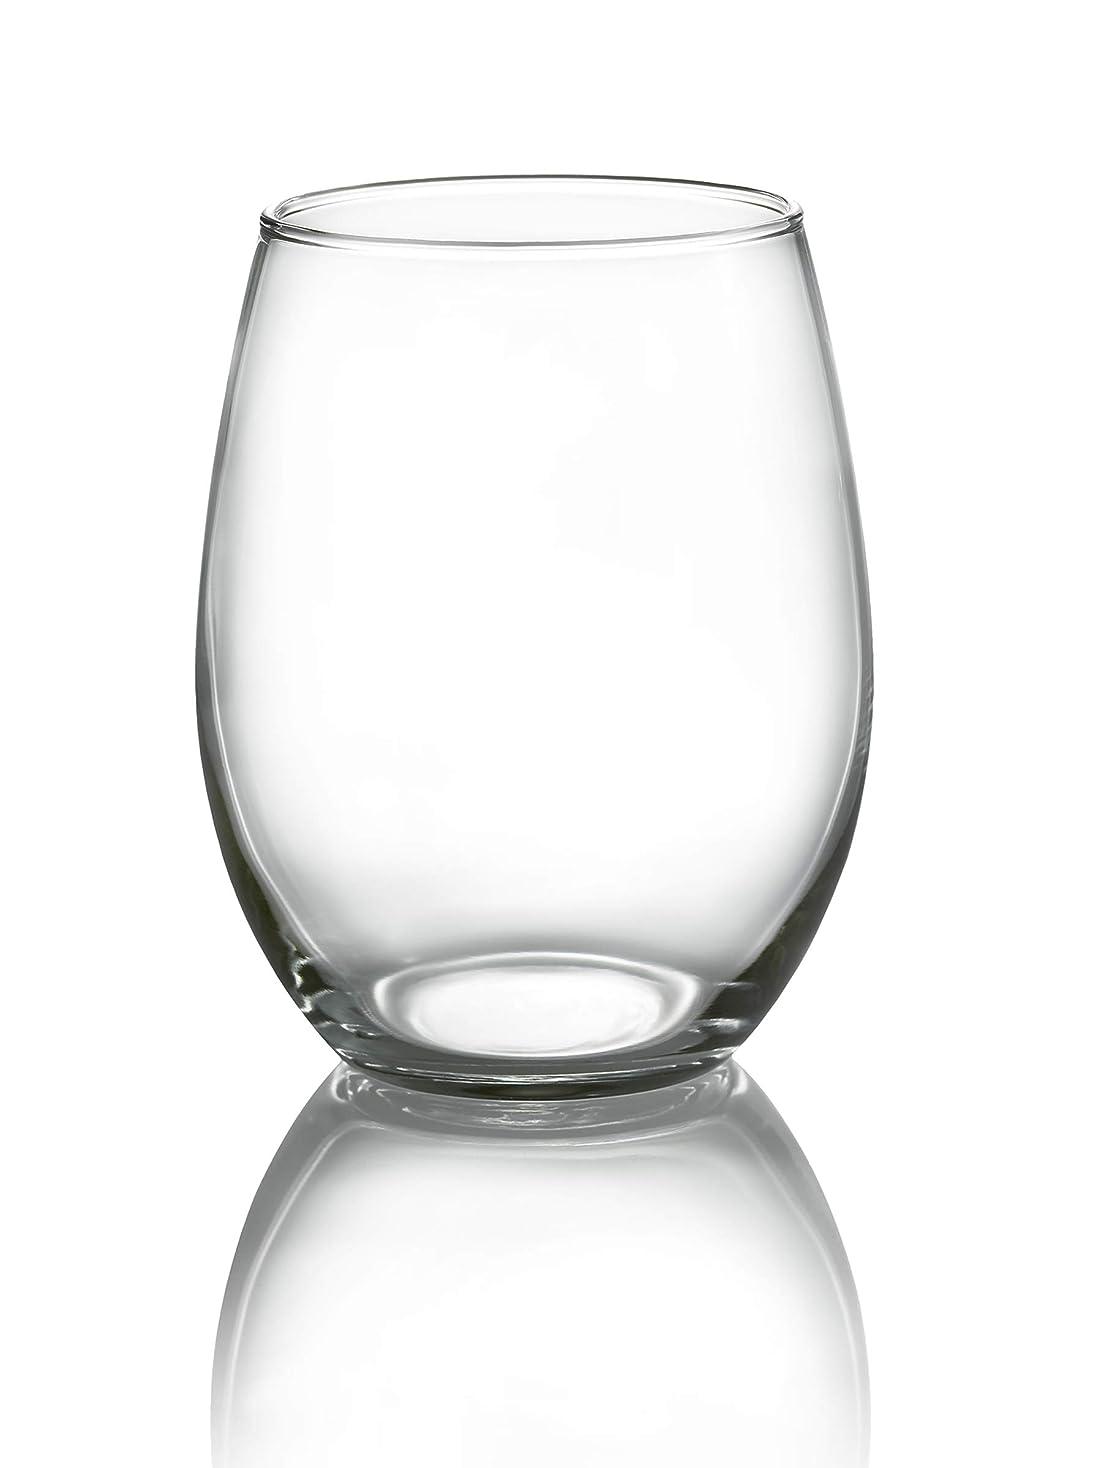 ぐったり涙こどもの宮殿Luminarc N7338 Lumincar Cachet ステムレス 21オンス ワイングラス 4個セット クリア